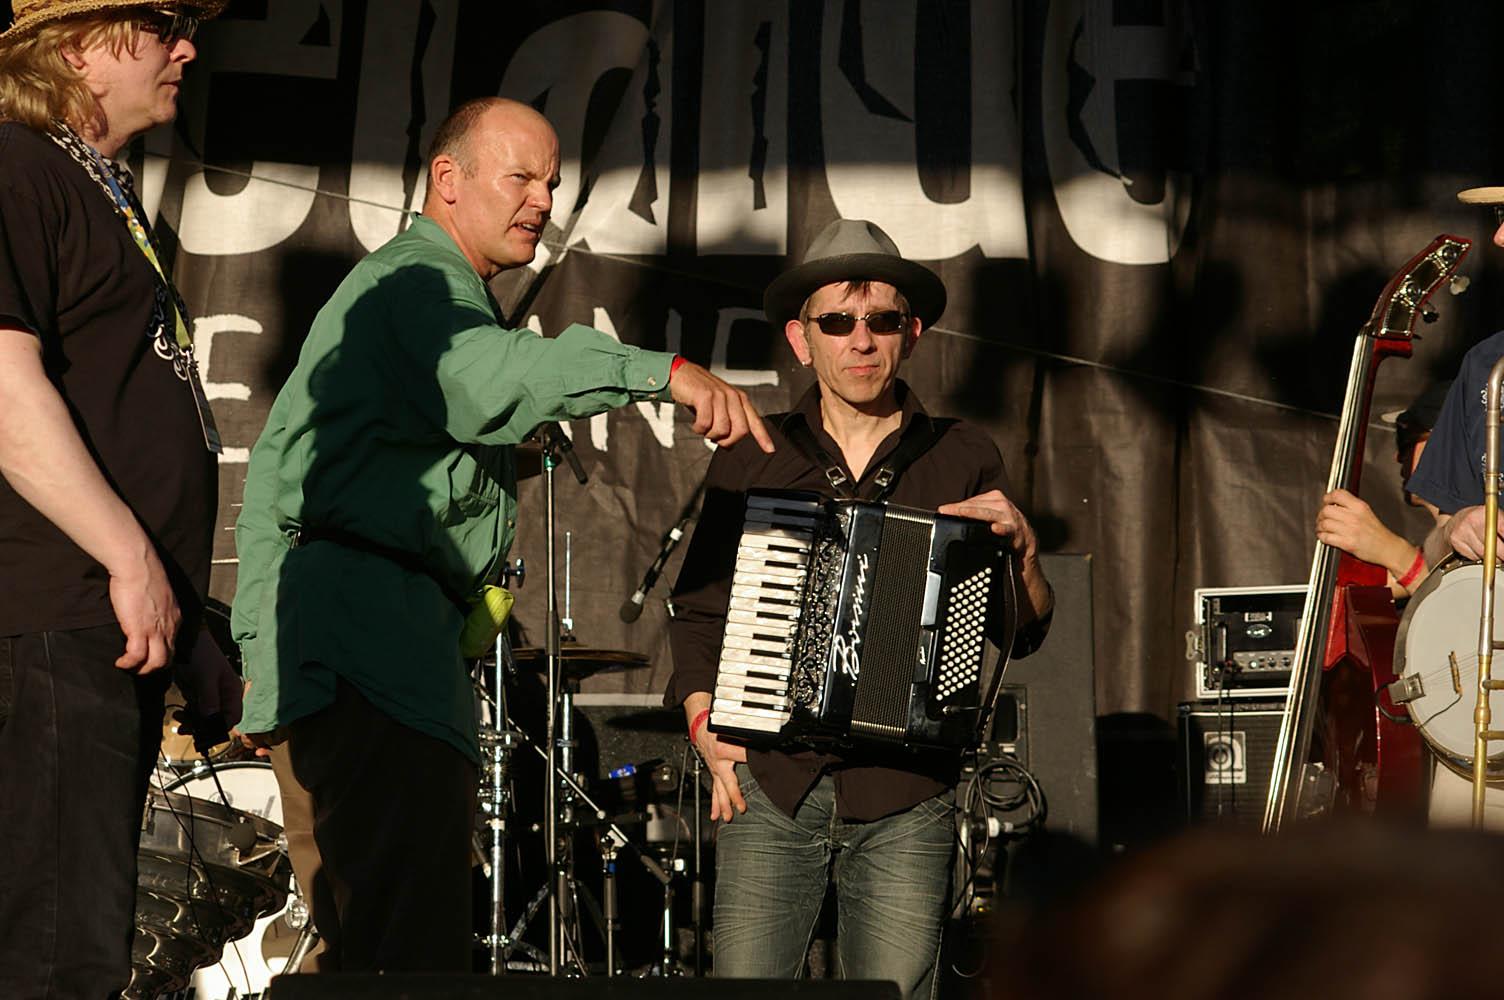 WOMADelaide_All-Star_Gala_set-up_20110314_18_Uwe_Langer_+_PG_+_Kruschko_AKA_Volker_Rettmann.JPG